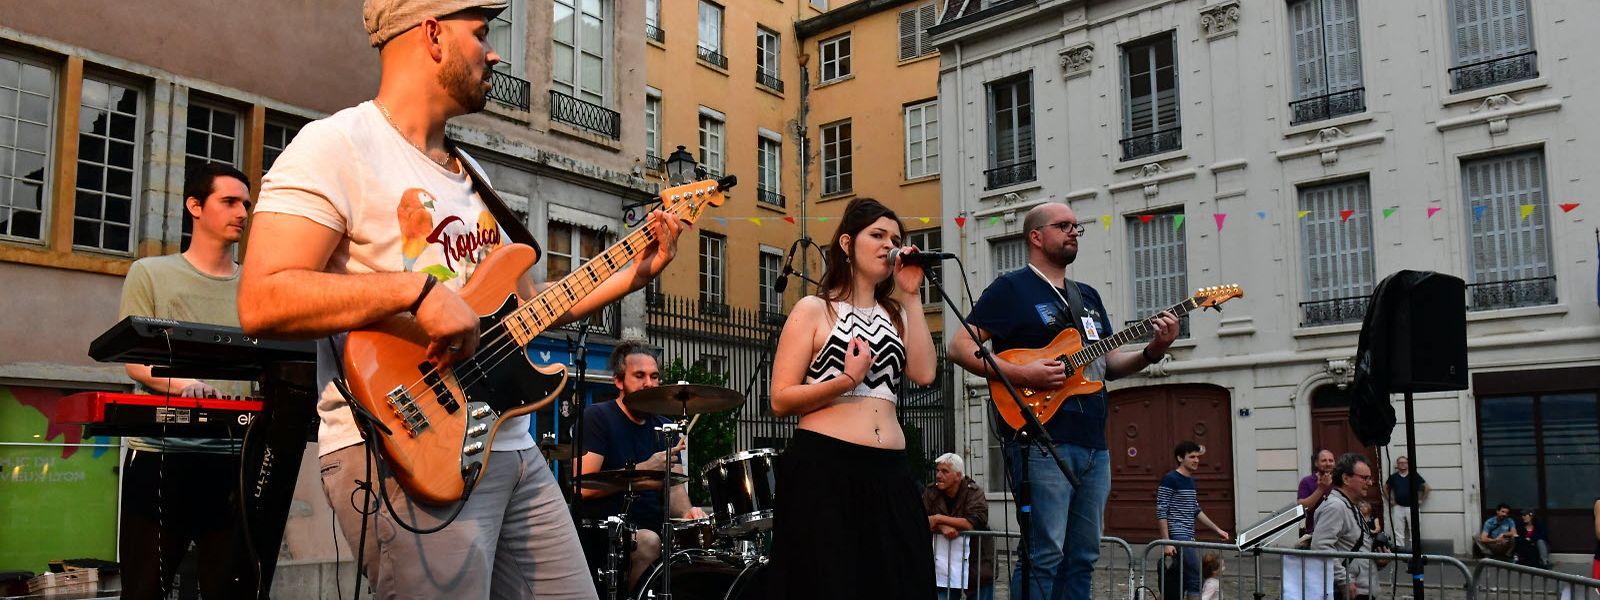 En France, berceau de cet évènement, seuls les concerts officiels ou organisés par des bars et restaurants seront autorisés.